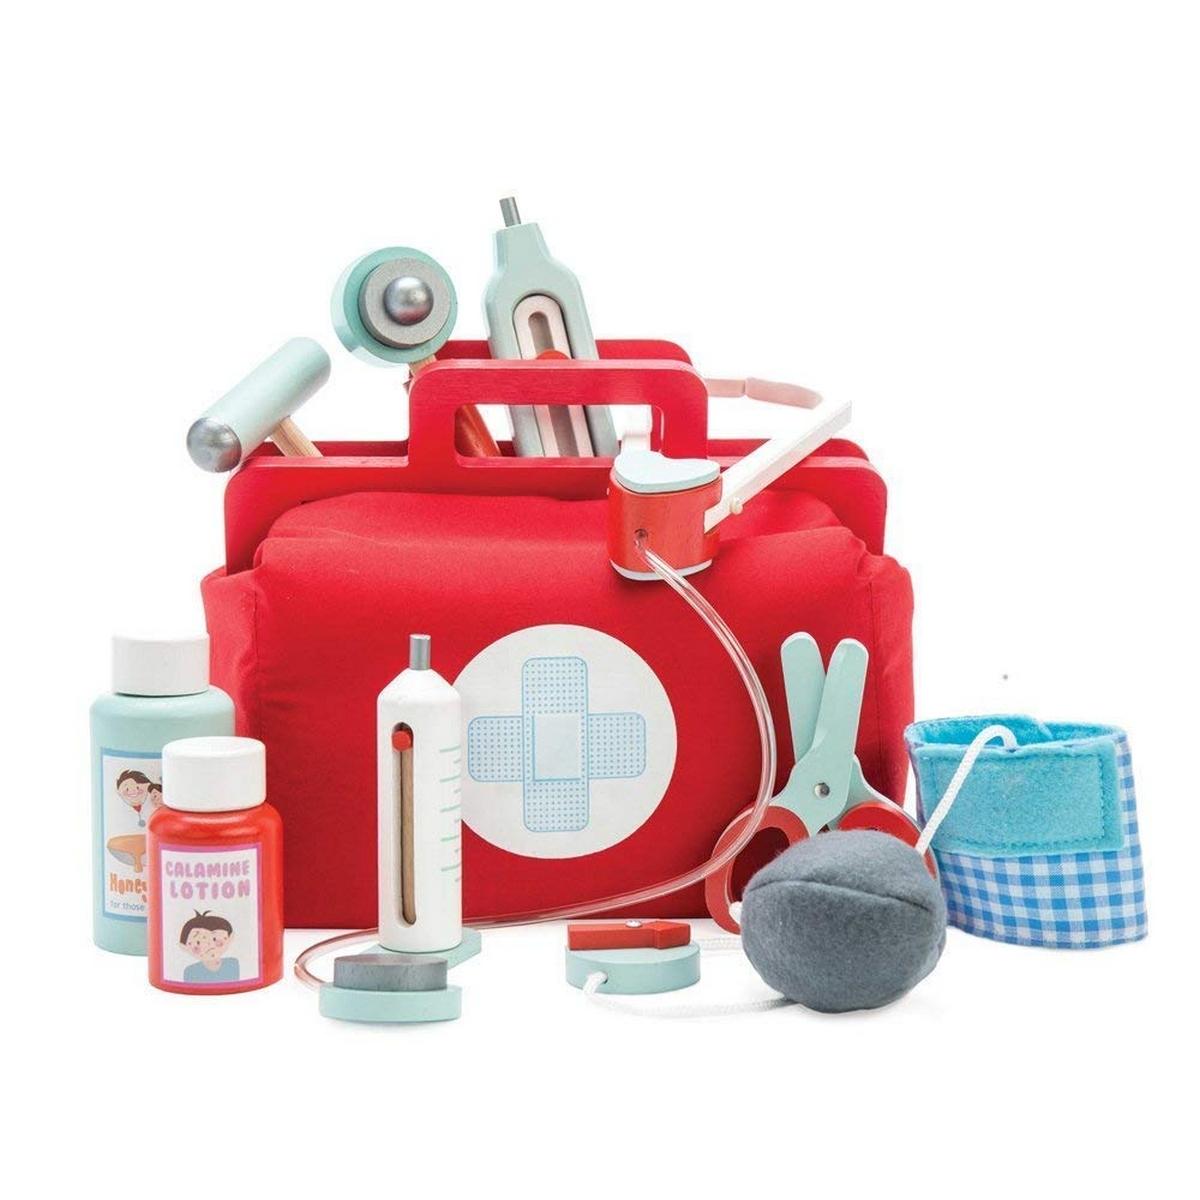 Le Toy Van - Honeybake Arzt Set (Ltv292)